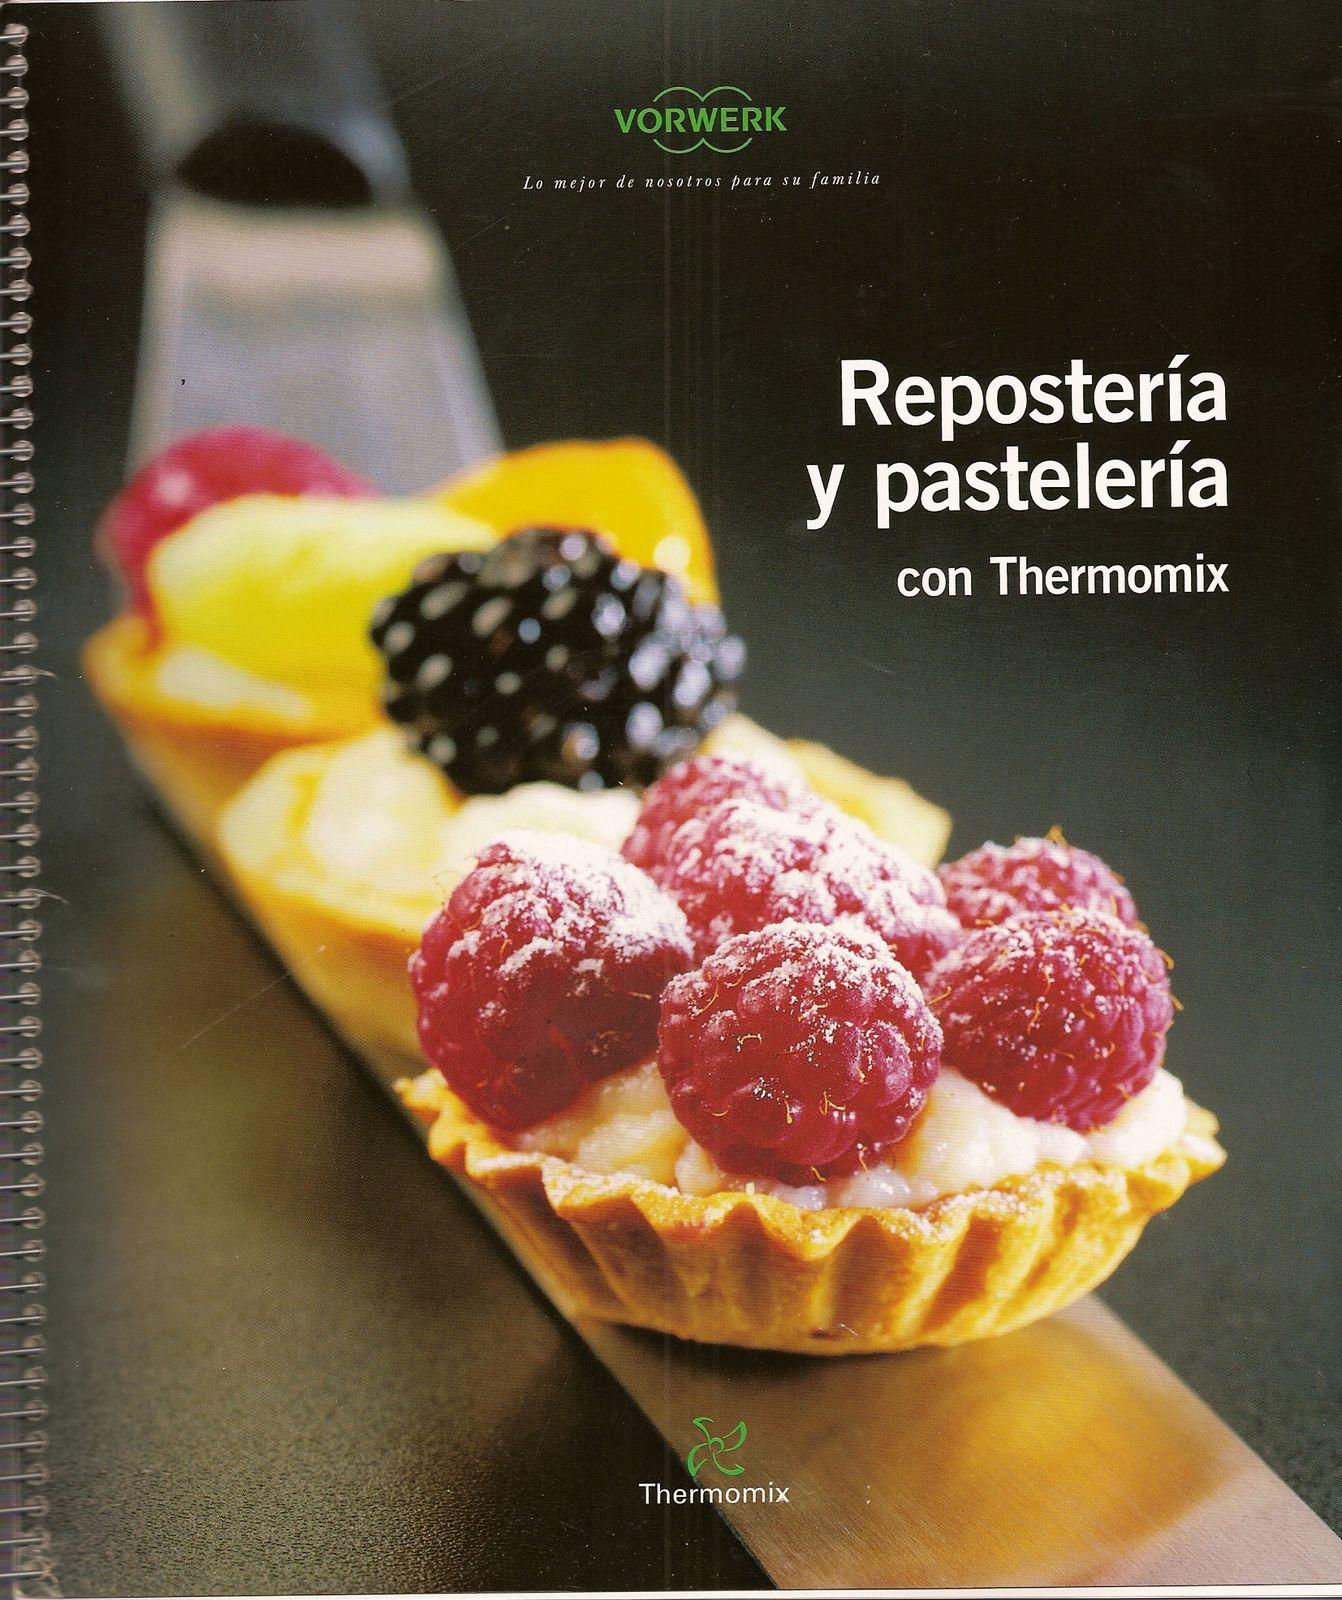 Blogs de reposteria y pasteleria un blog sobre bienes - Mundo de la reposteria ...